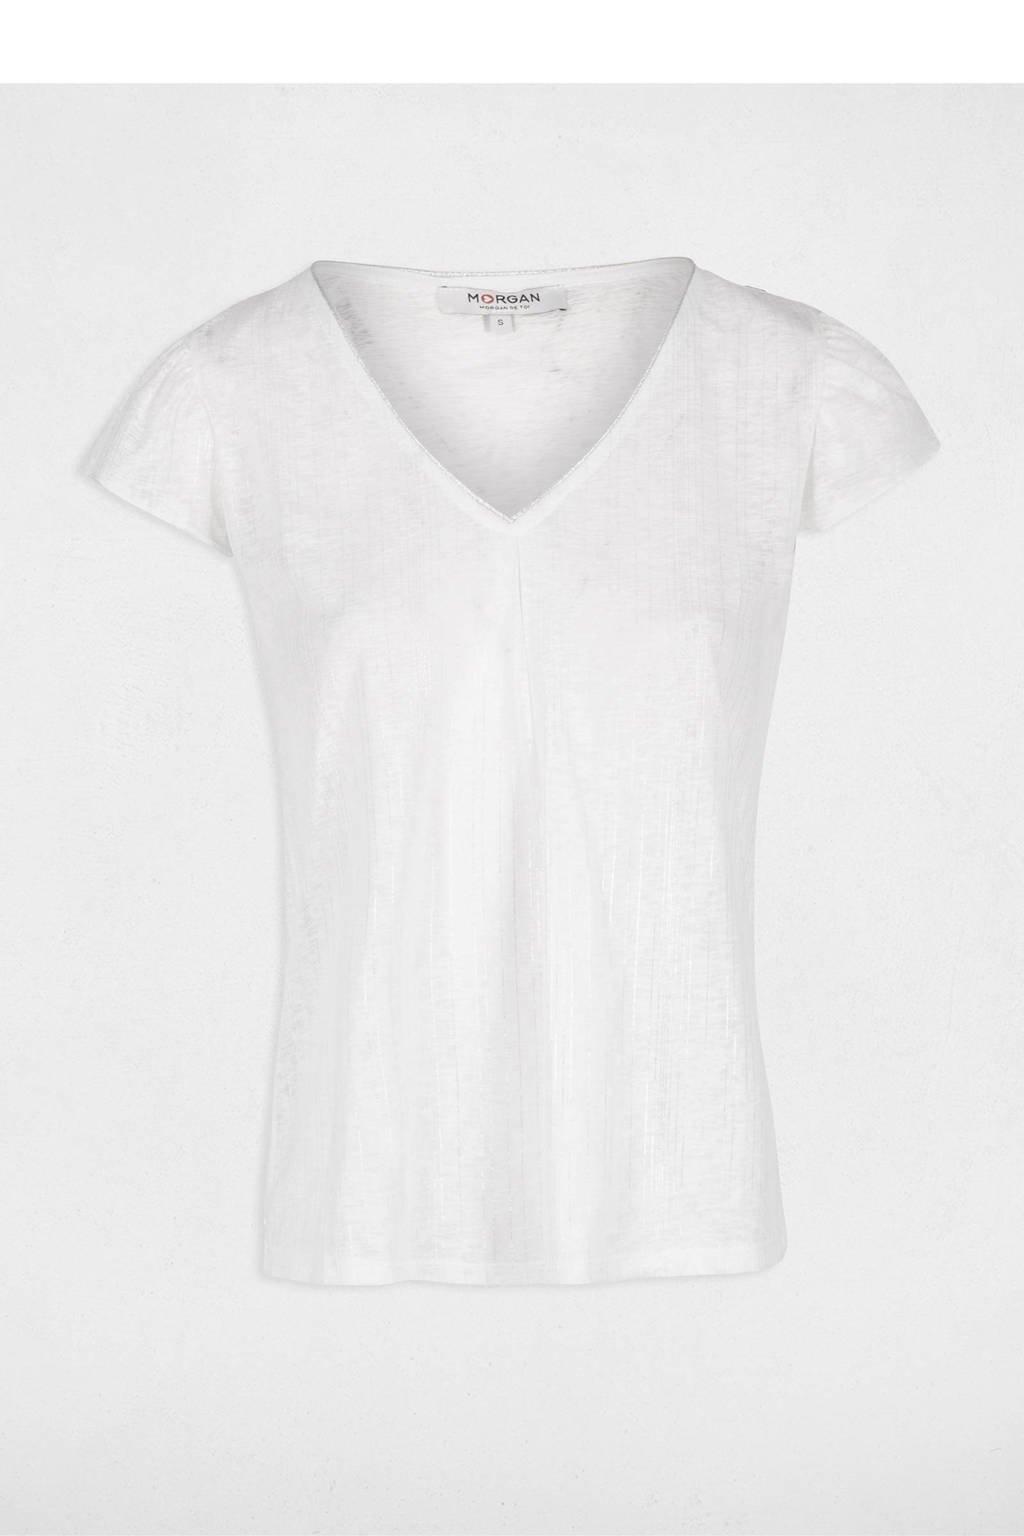 Morgan T-shirt gebroken wit, Gebroken wit